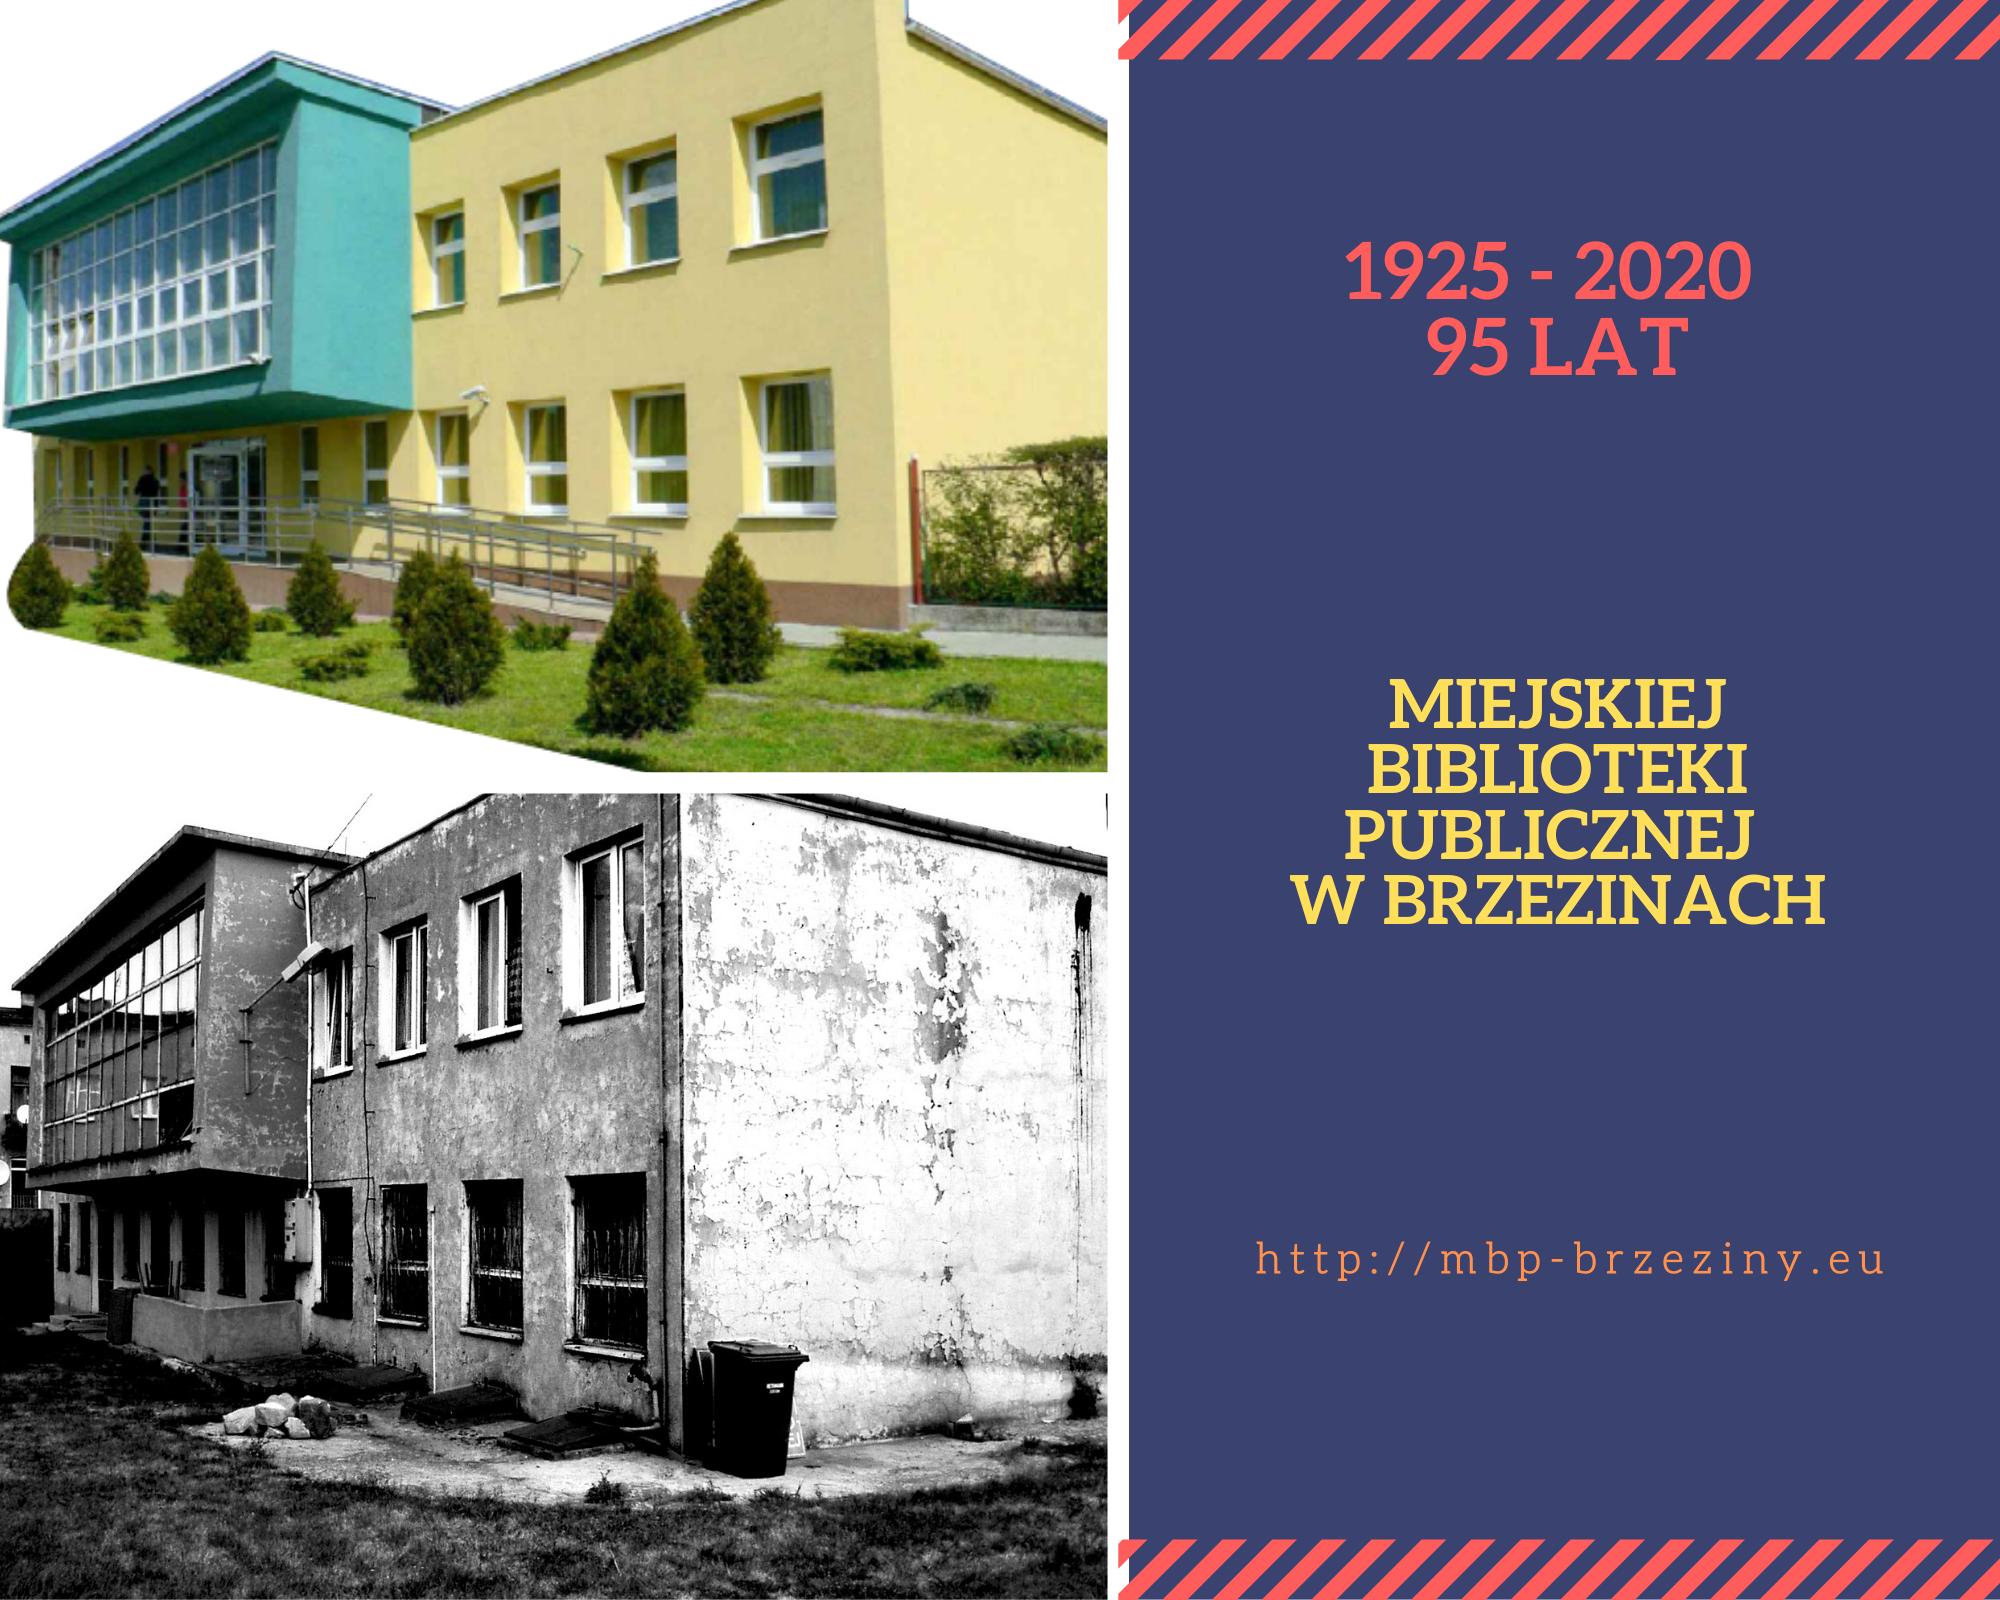 95 lat Biblioteki w Brzezinach